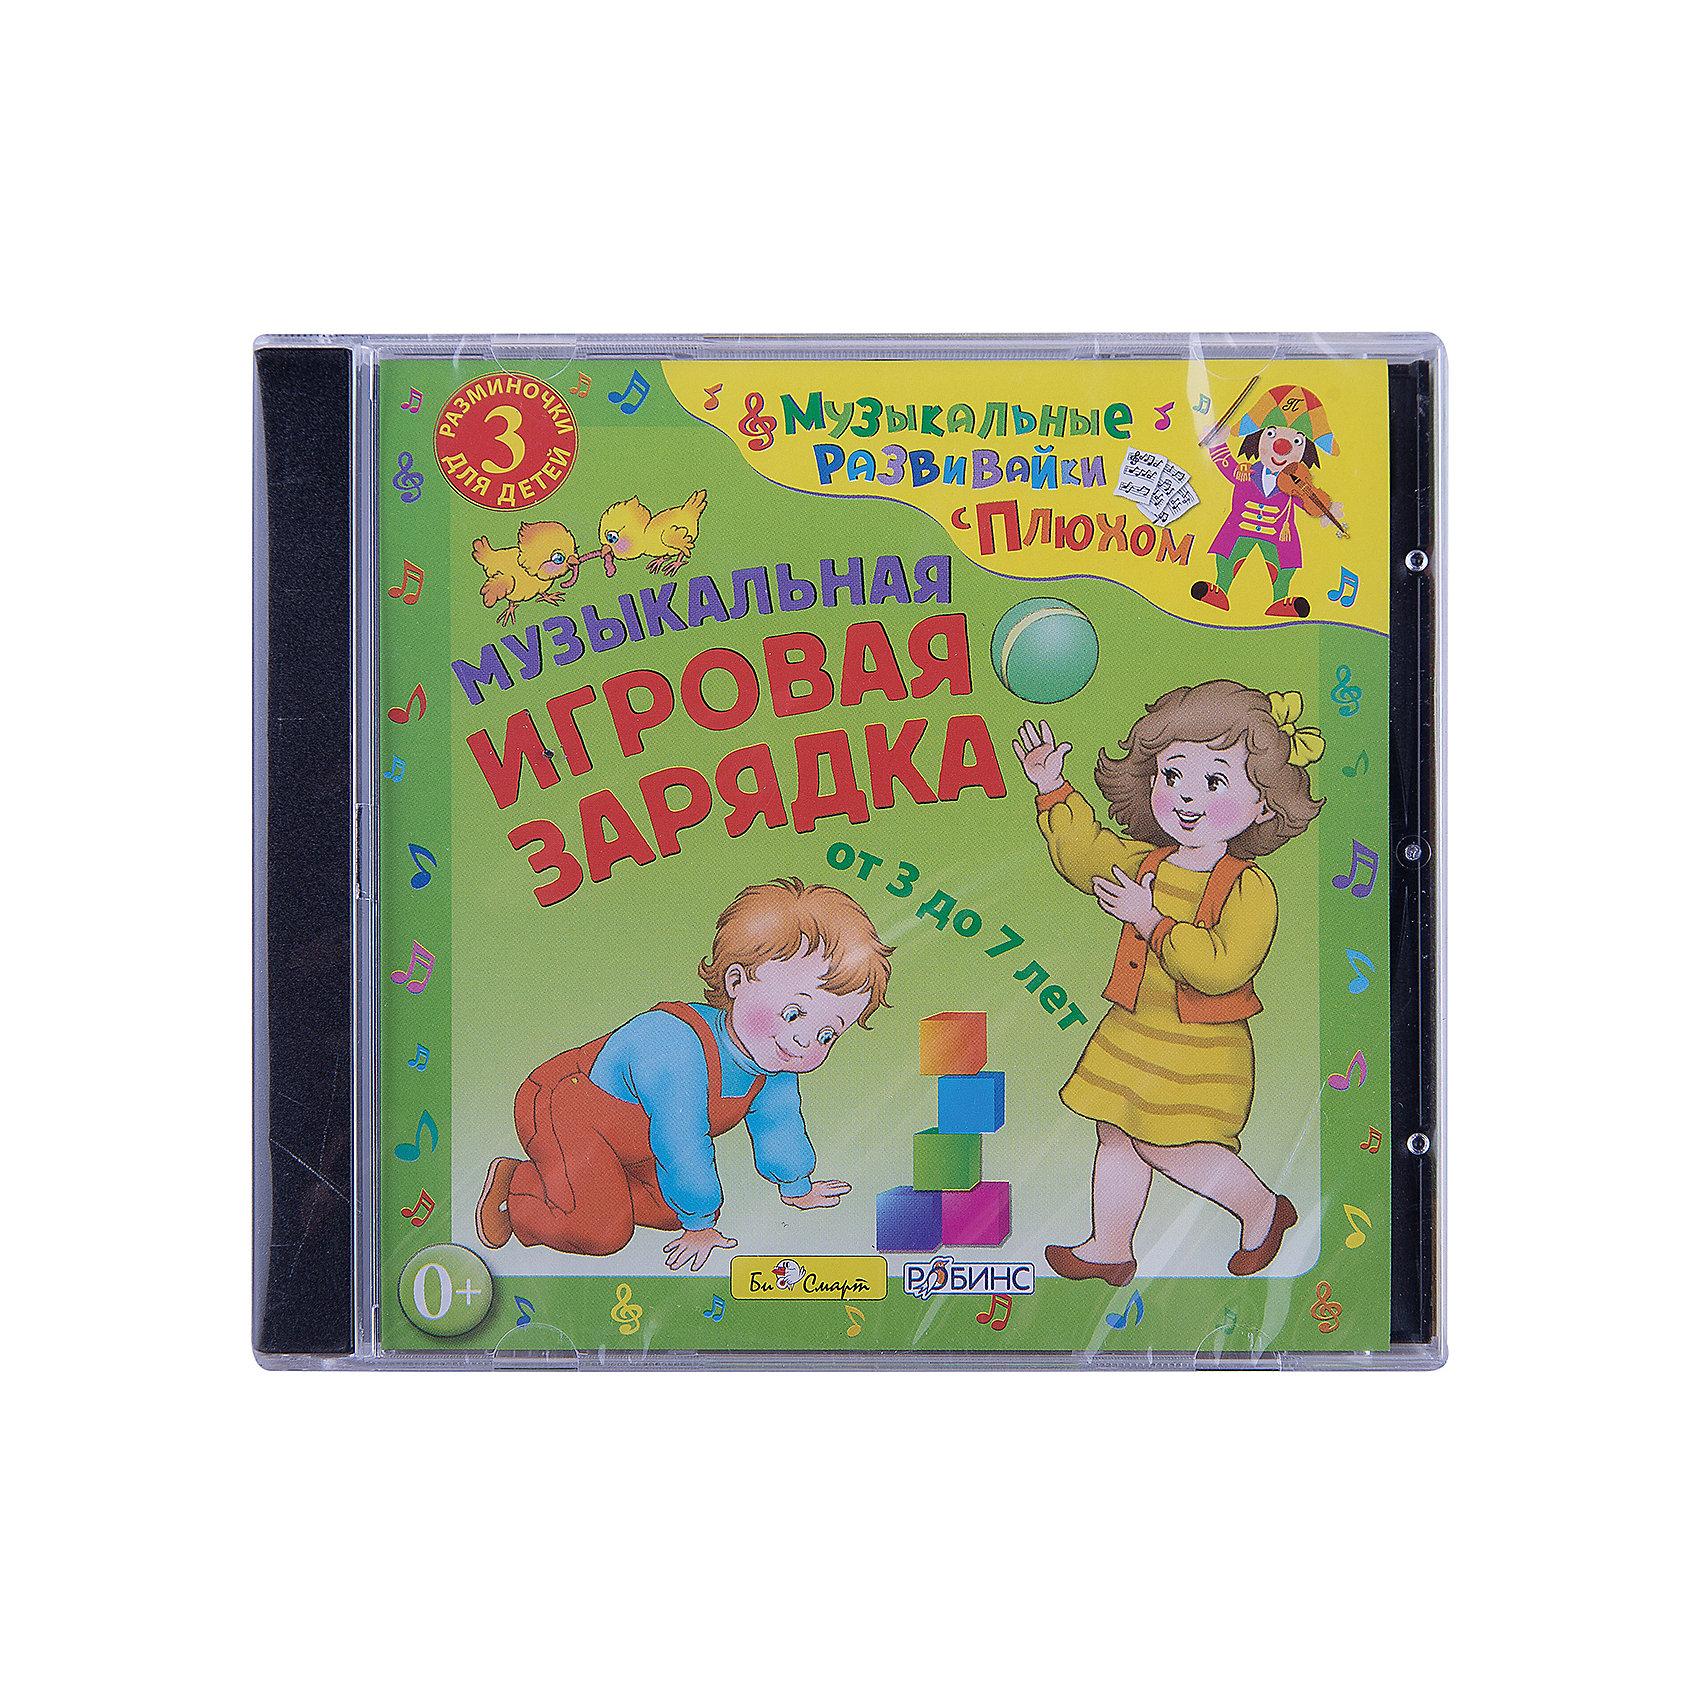 Би Смарт CD. Музыкальная игровая зарядка. (от 3 до 7 лет)Би Смарт<br>«Музыкальная игровая зарядка» с клоуном Плюхом – это музыкальная детская «развивайка», которая поможет ребенку вырасти не только спортивным и сильным, но и веселым и жизнелюбивым! <br><br>Диск содержит три зарядки для детского сада. Это птичья зарядка, где каждый может почувствовать себя маленькой шустрой птичкой и «полетать» под задорные песенки. Кроме того, их можно будет спеть под минусовые фонограммы, которые идут сразу после зарядки! Под зарядку юных строителей ребята смогут дружно «построить» целый дом! А веселая танцевальная зарядка заставит пуститься в пляс даже самых спокойных малышей!<br><br>Клоун Плюх – друг девчонок и мальчишек – не даст скучать никому! Добрые и веселые песенки превратят зарядку в игру, и ее захочется делать каждый день!<br><br>Ширина мм: 142<br>Глубина мм: 10<br>Высота мм: 125<br>Вес г: 79<br>Возраст от месяцев: 36<br>Возраст до месяцев: 84<br>Пол: Унисекс<br>Возраст: Детский<br>SKU: 2580827